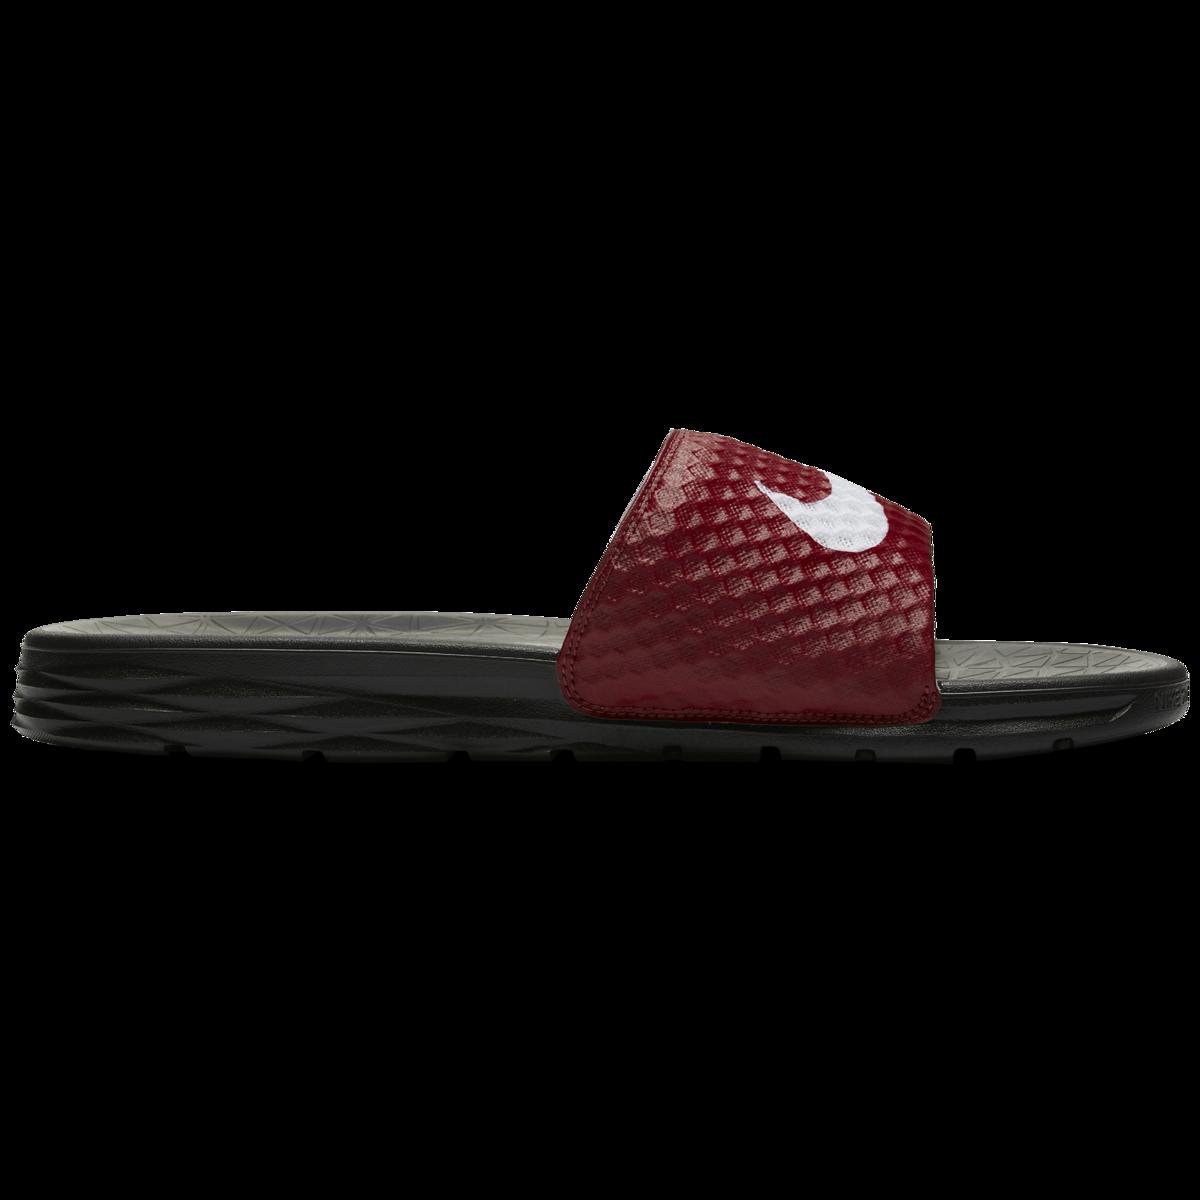 b69728fb4282 Nike Benassi Solarsoft Slide 2 Men s Slides - 705474-602